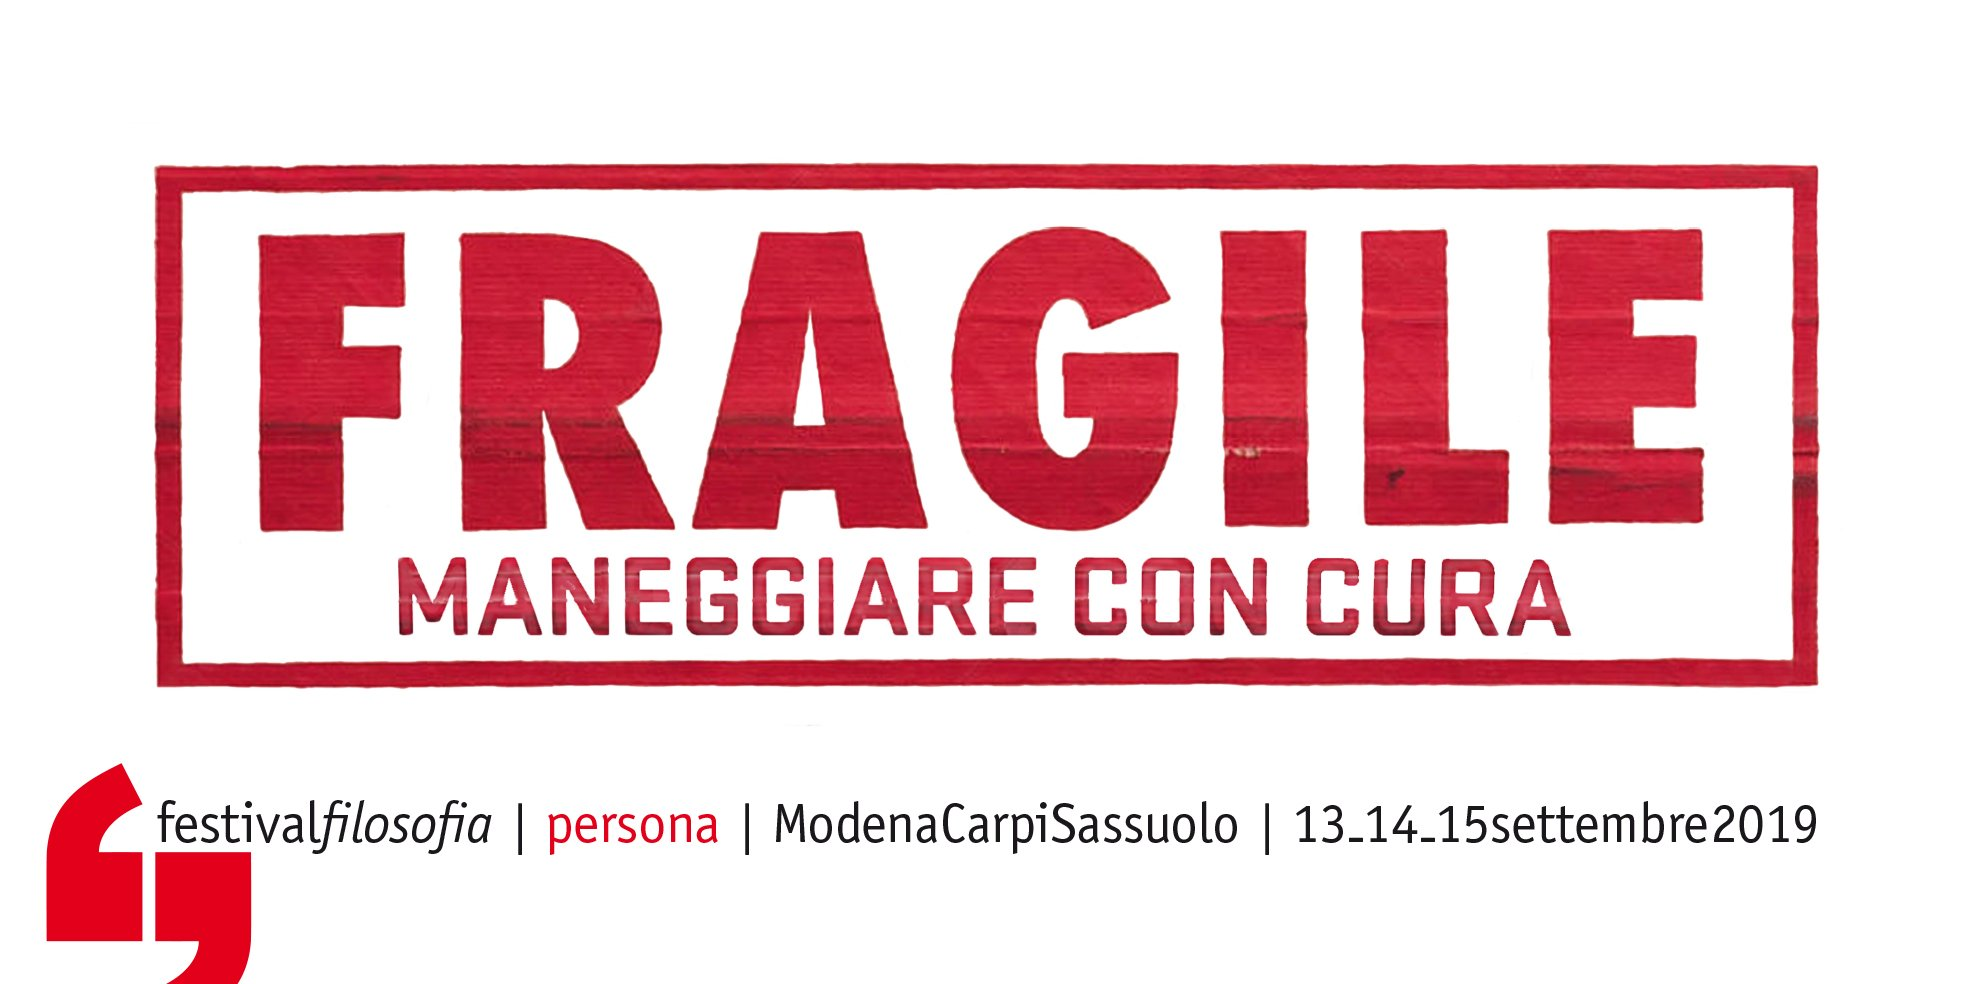 festivalfilosofia2019_fragile